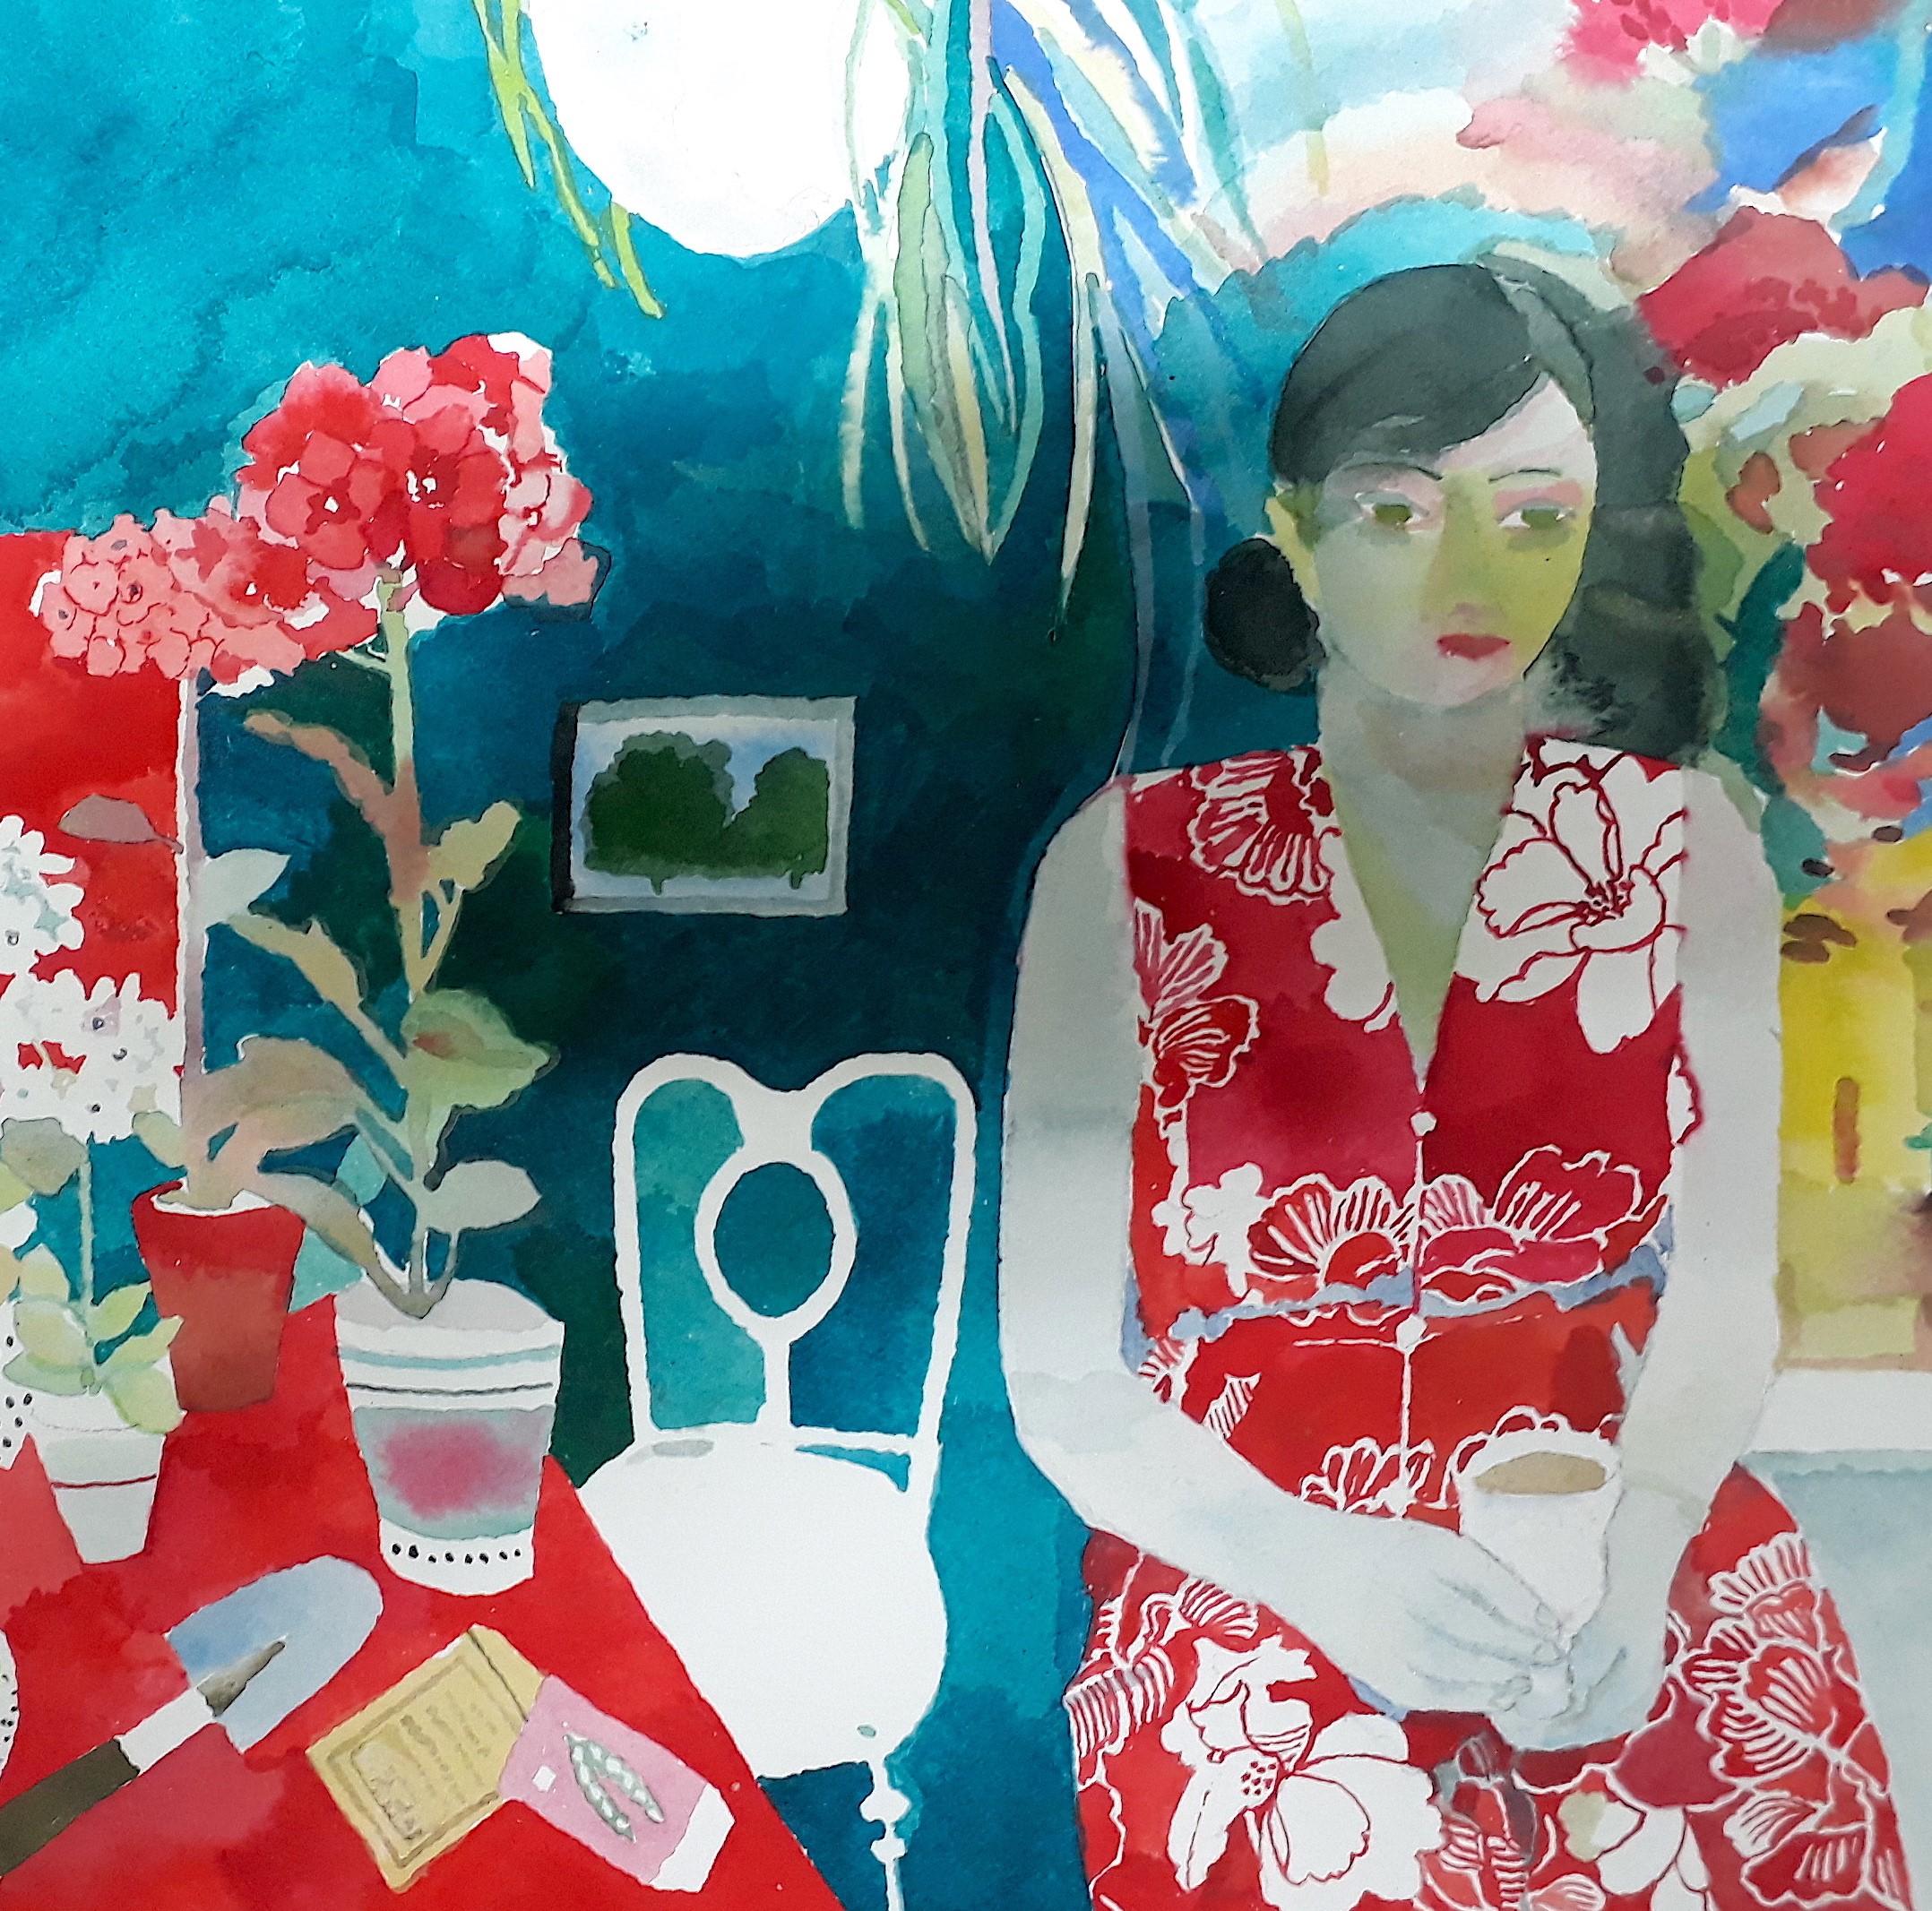 Nicola Gregory Gallery 13